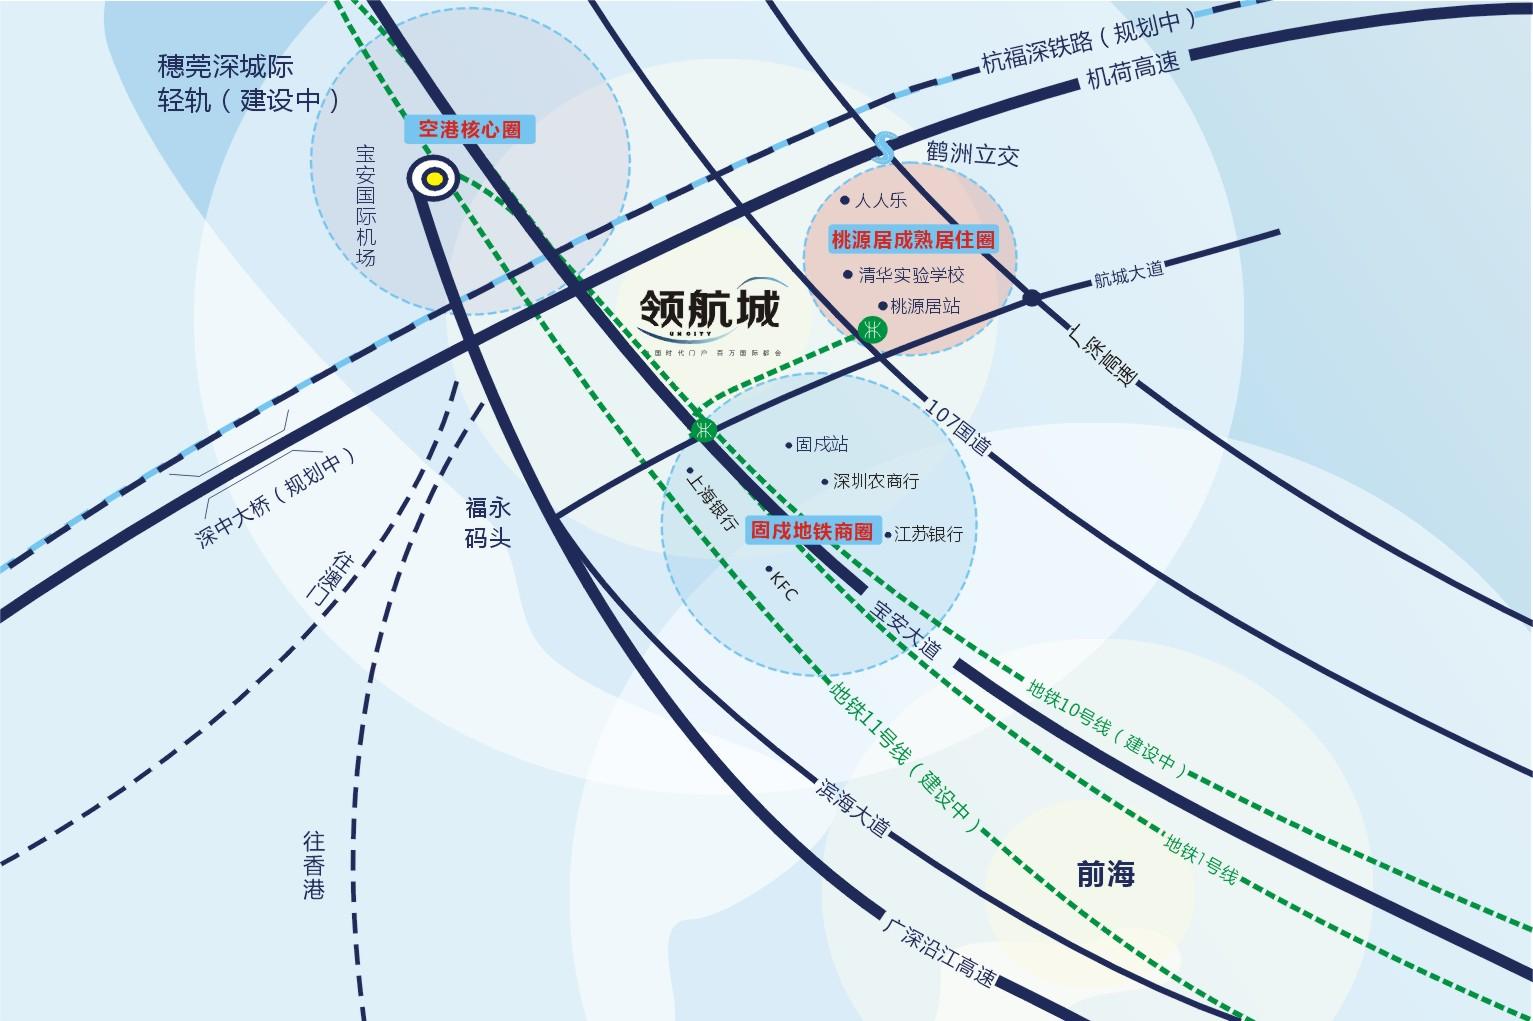 大桥,交通也极为便利;受益大前海中心一级辐射区,邻享前海,新蛇口未来